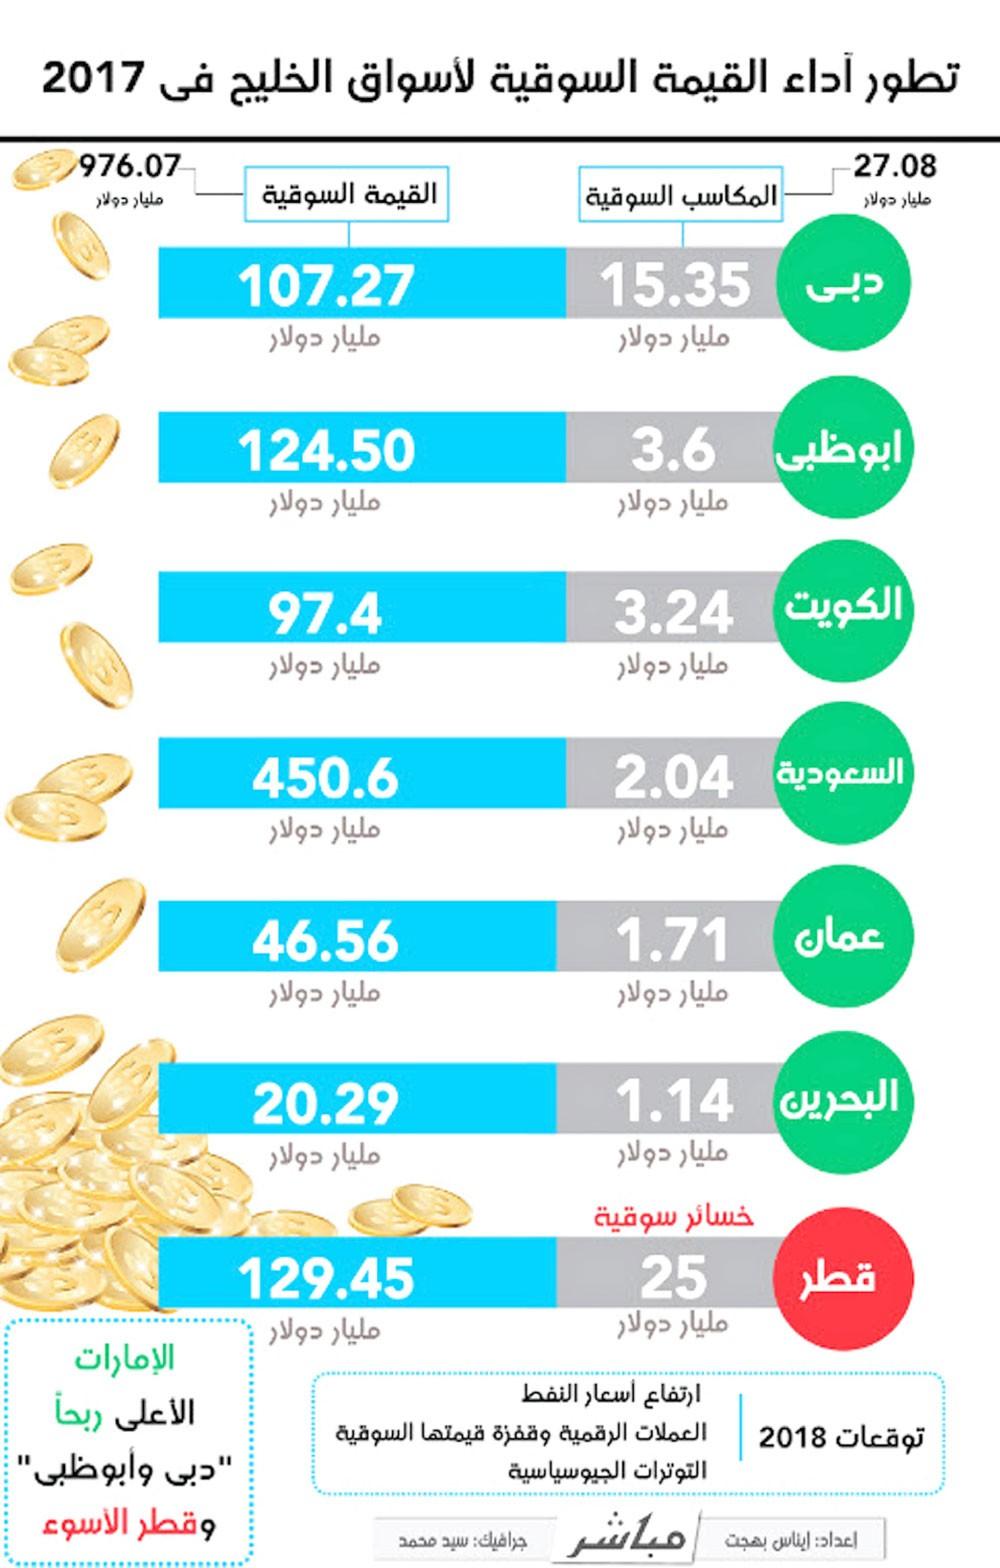 تطور أداء القيمة السوقية لأسواق الخليج 2017